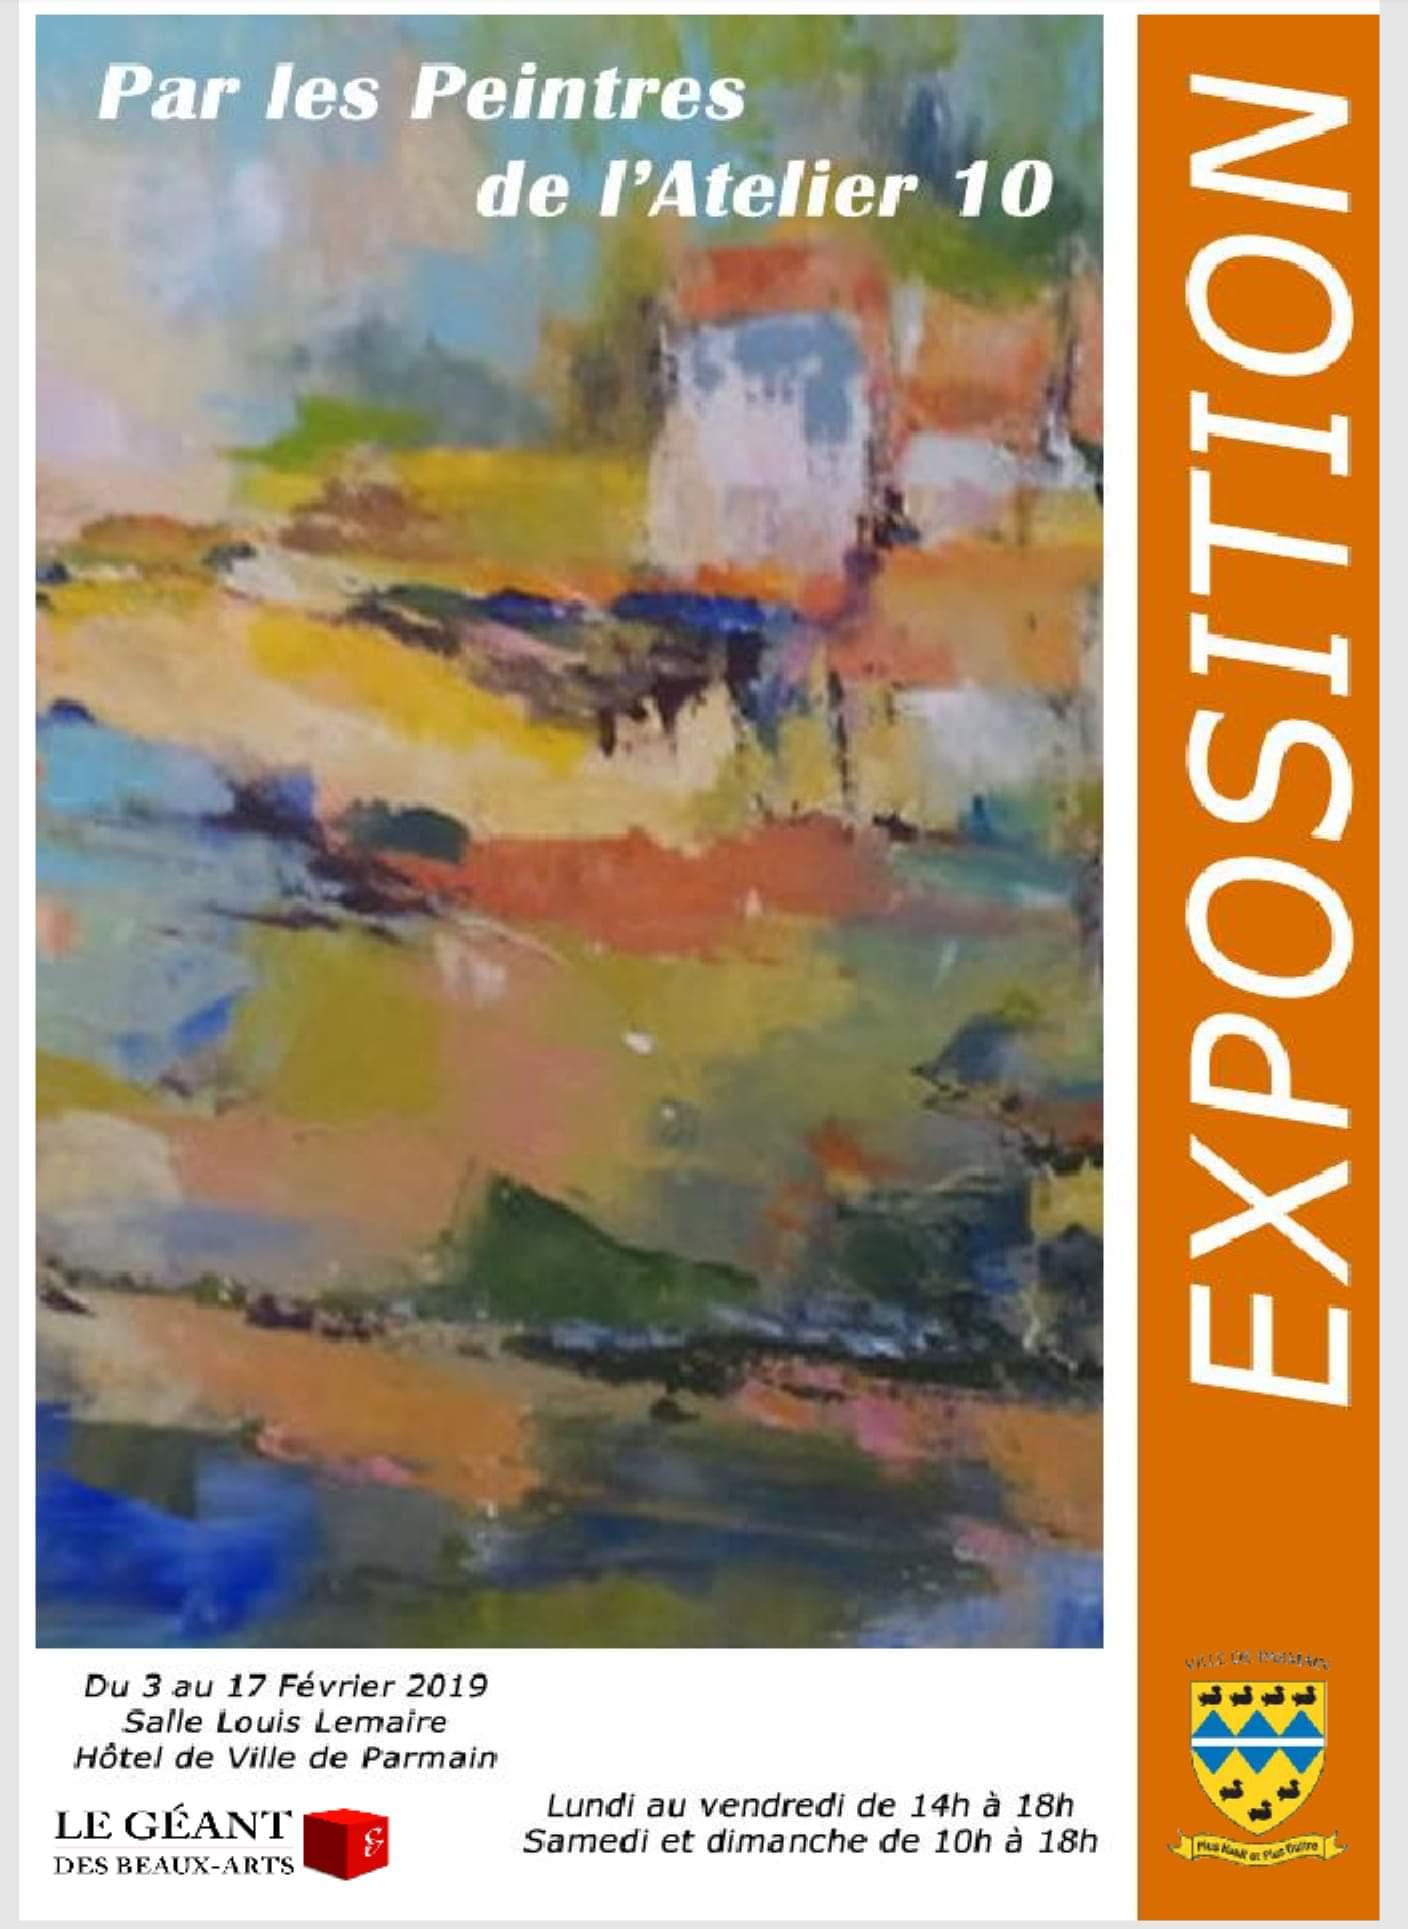 Exposition à Parmain, par les Peintres de L'Atelier 10